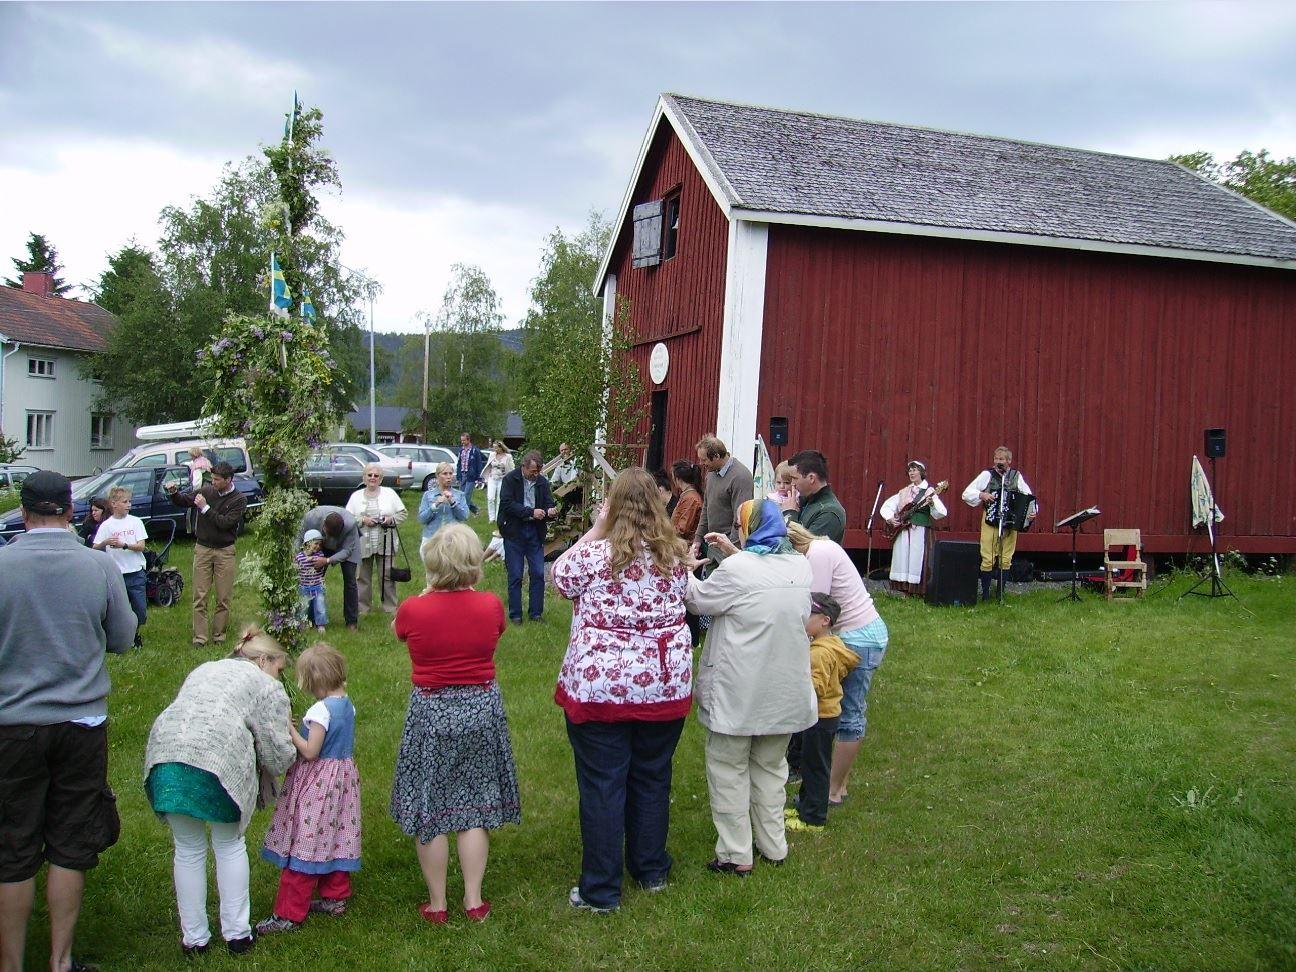 Foto: Nora hembygdsförening., Nora Homestead Museum